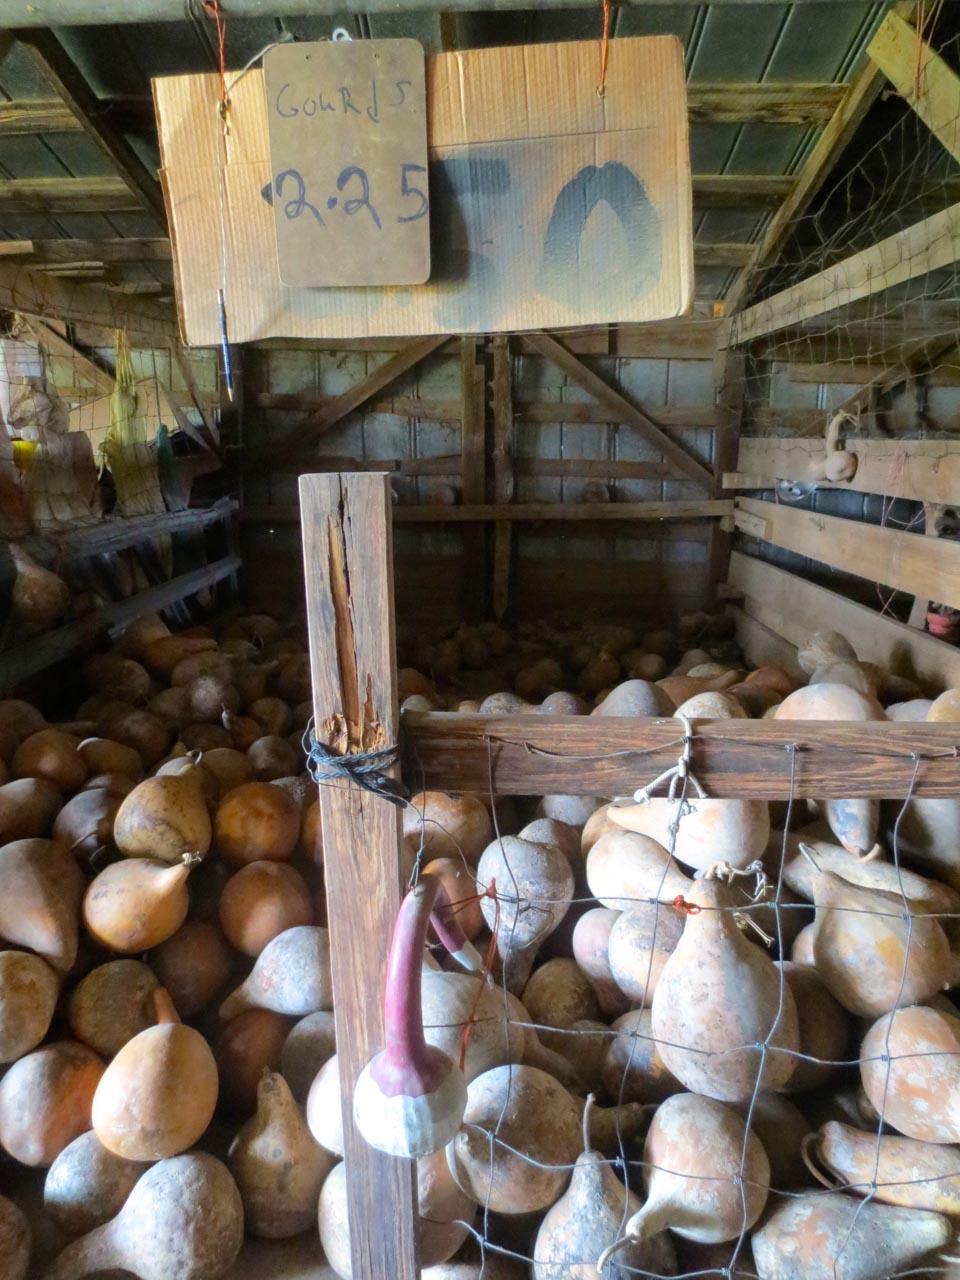 rw_gourd farm-3930.jpg